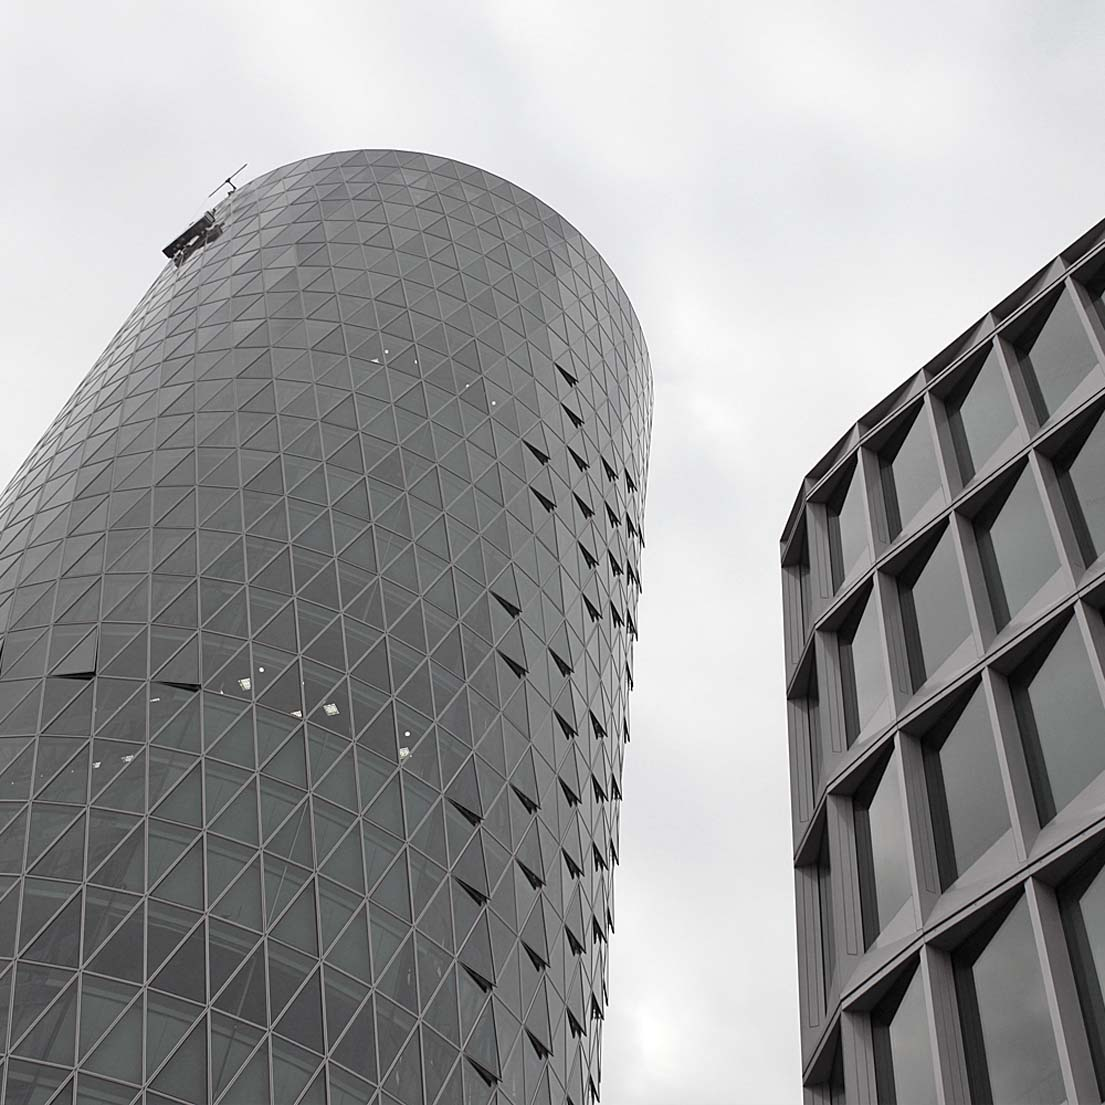 Frankfurt Westhafen Tower, F-2013-04-22